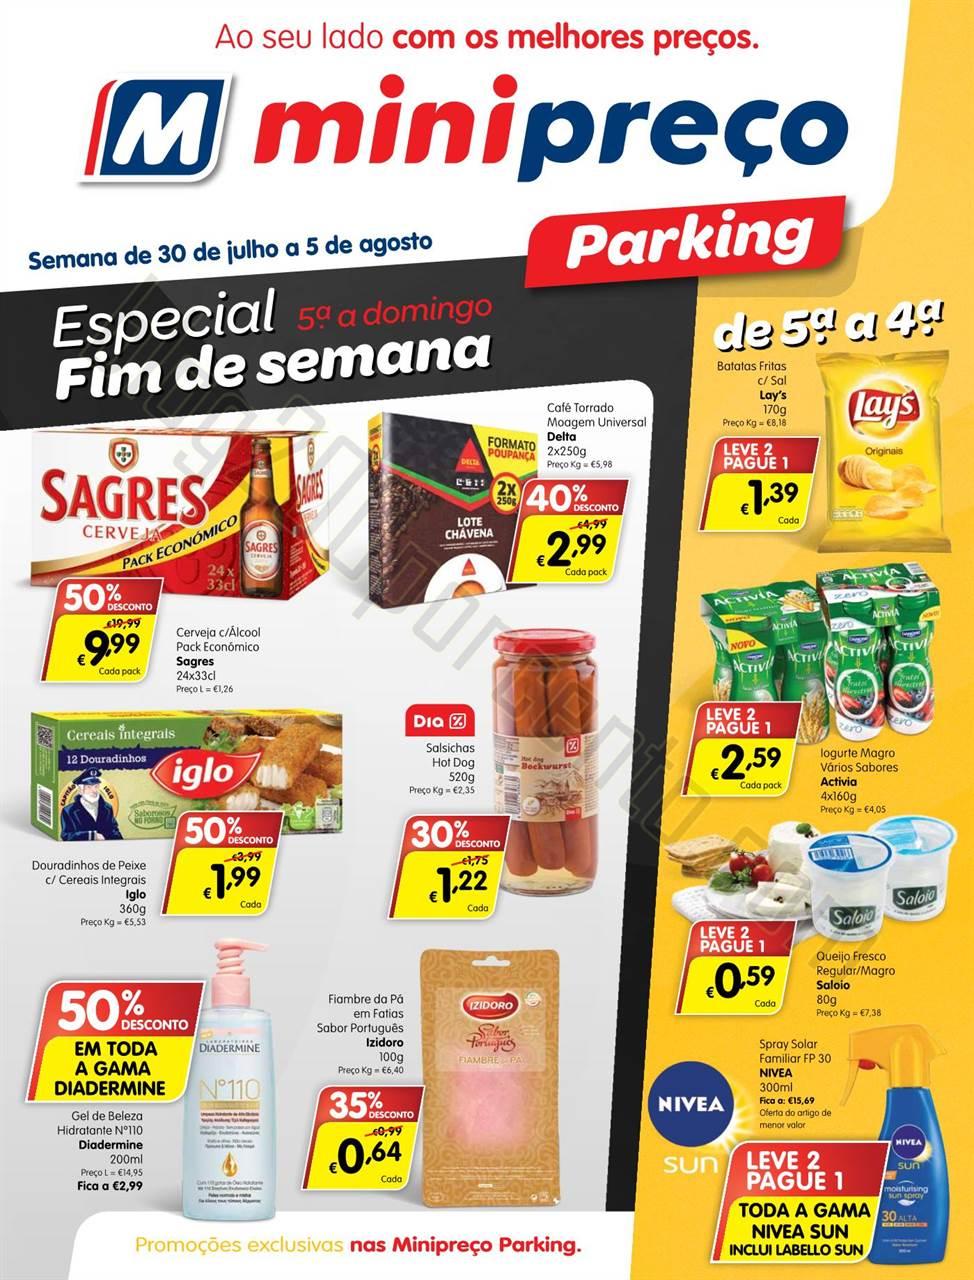 Antevisão Folheto MINIPREÇO Parking de 30 julho